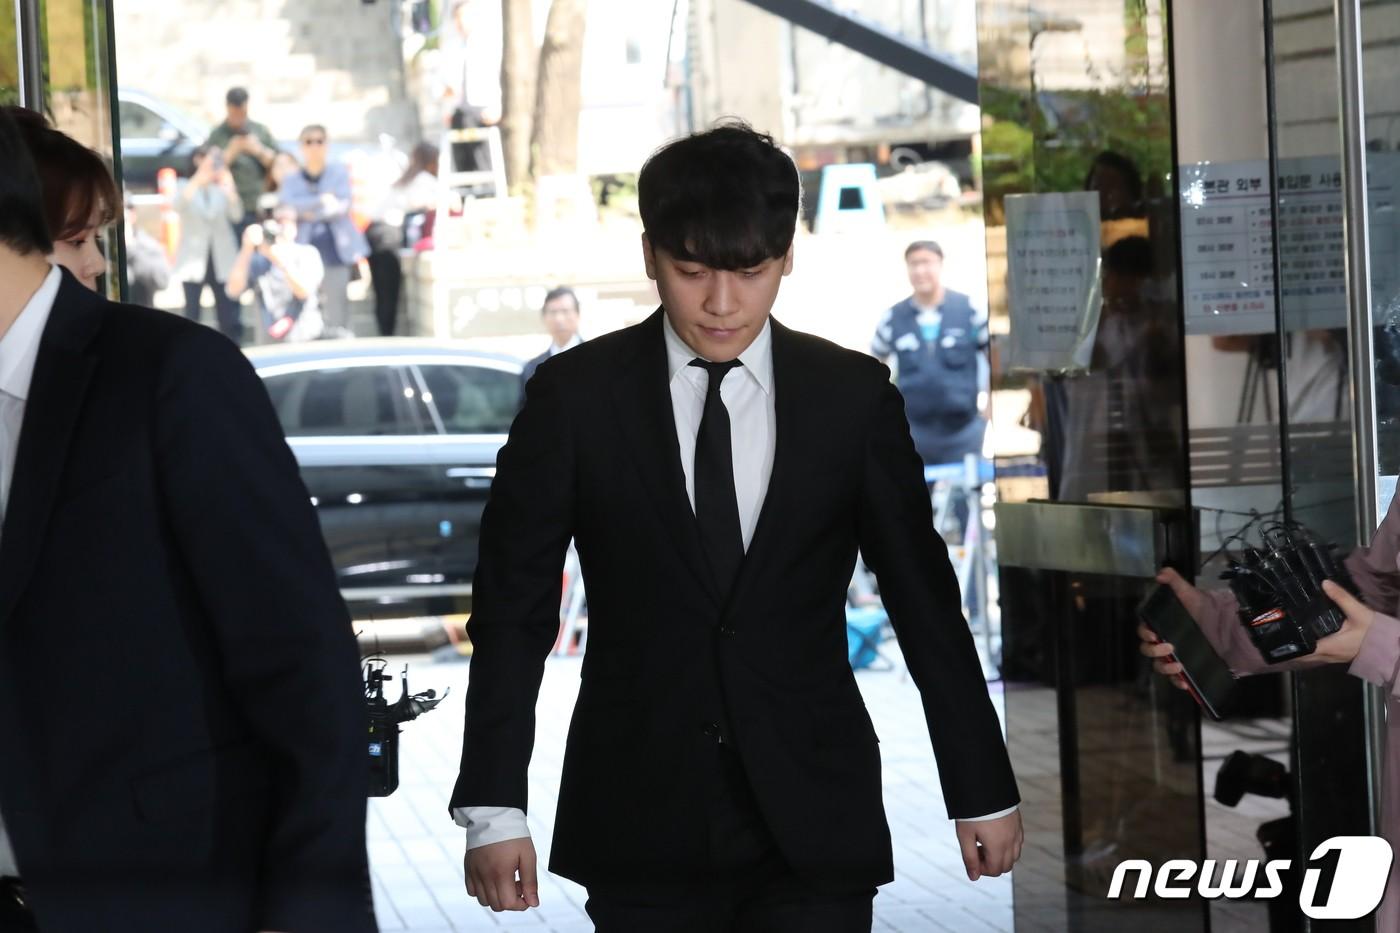 Seungri đã có mặt tại tòa để chờ lệnh bắt: Vẫn bình tĩnh dù cảnh sát xác nhận giữ bằng chứng mua dâm - Ảnh 2.